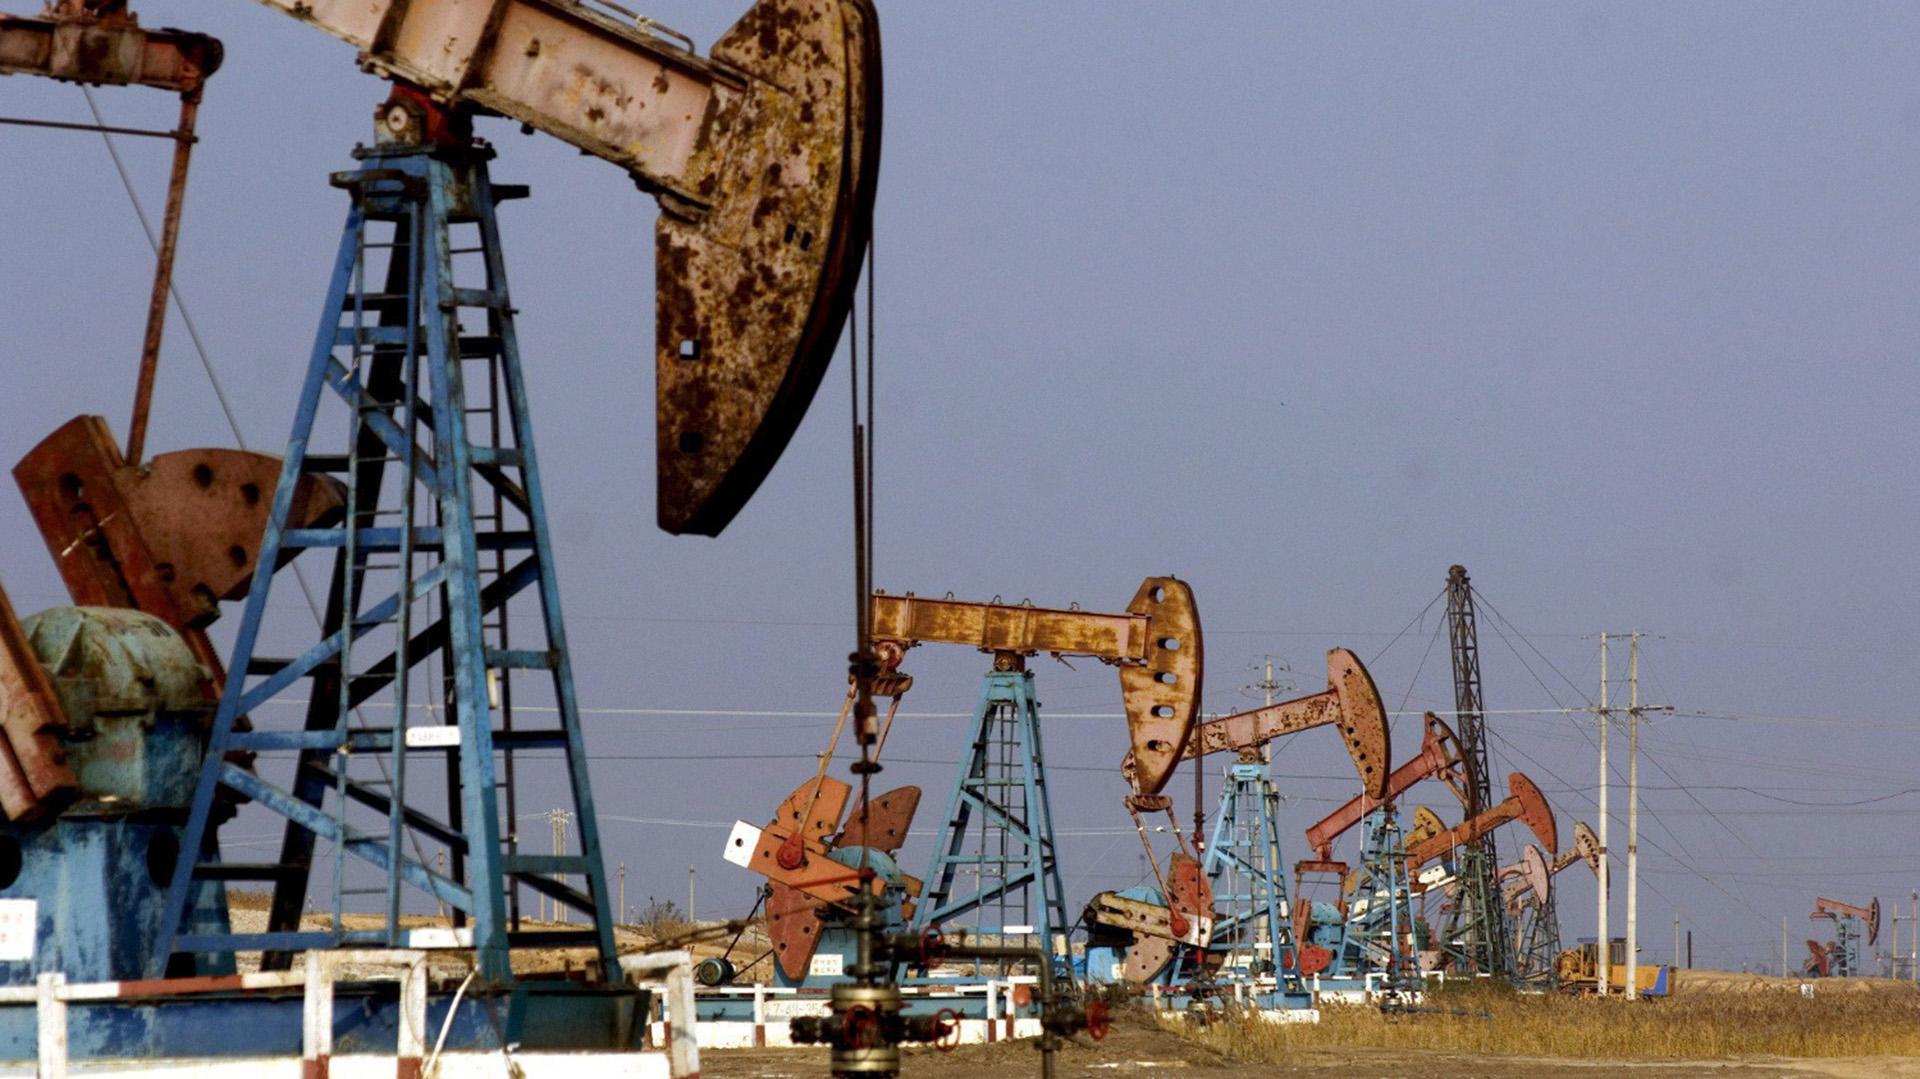 La suba del precio del petróleo aceleró el aumento del índice general de precios al por mayor del Indec